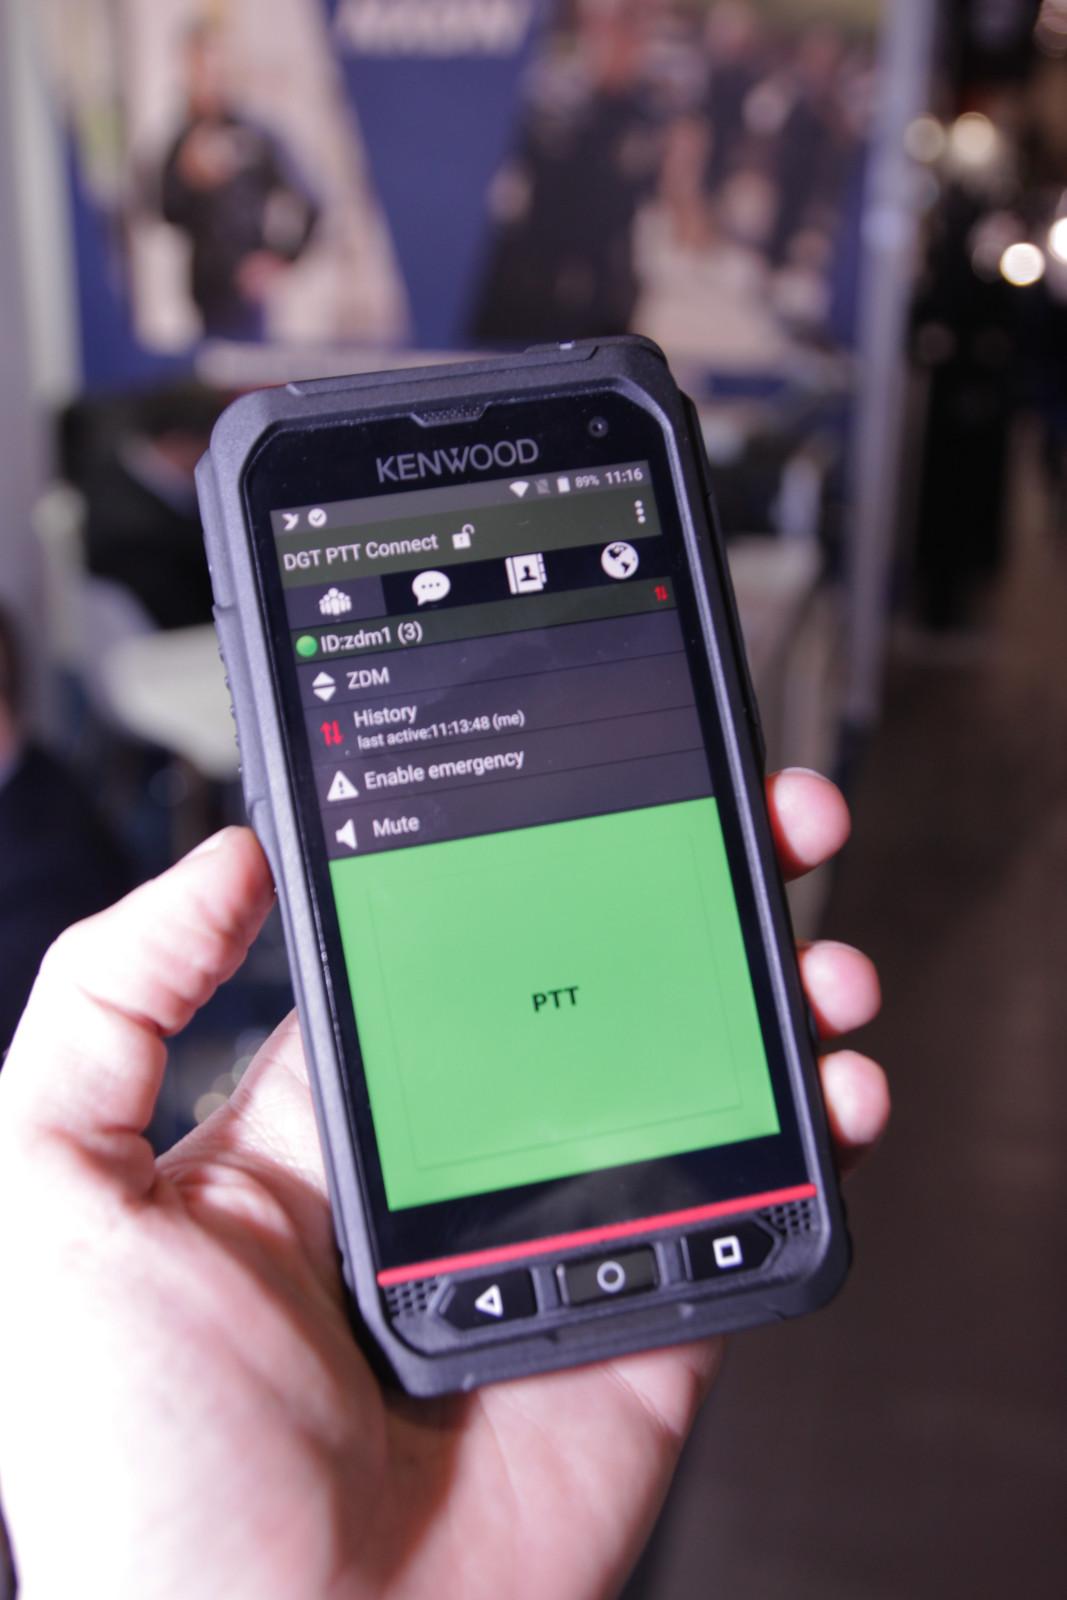 Europoltech-2019-dgt-ptt-connect-kenwood-smartphone.JPG